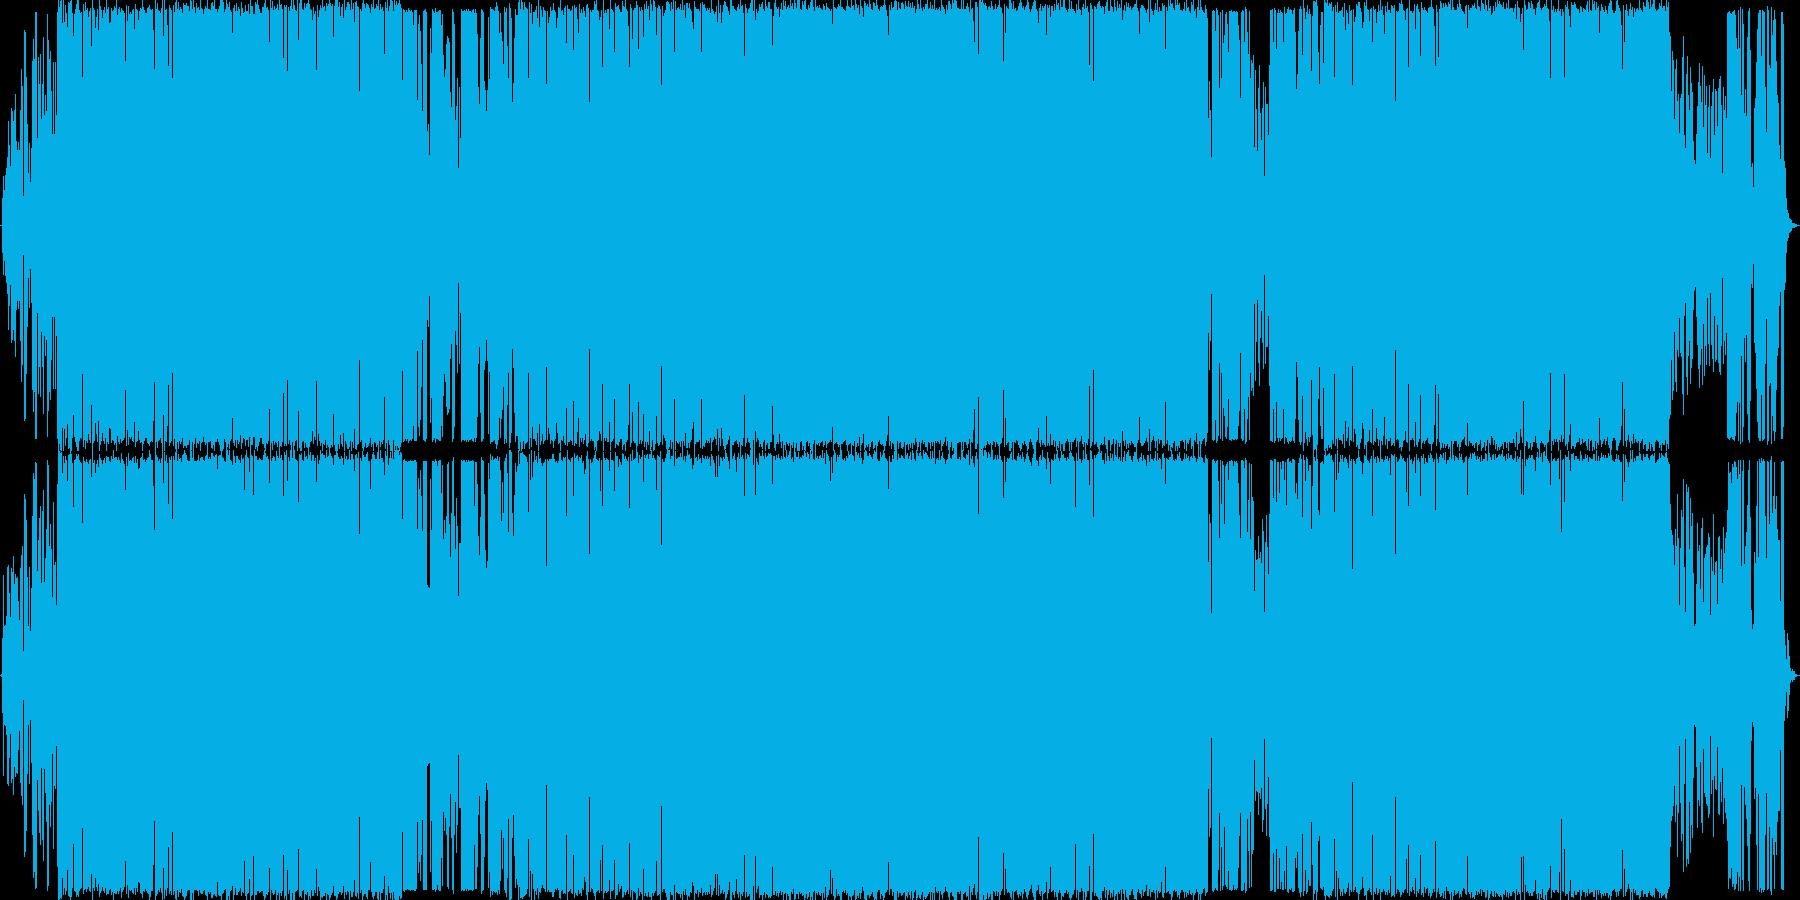 オシャレな洋楽EDMの再生済みの波形